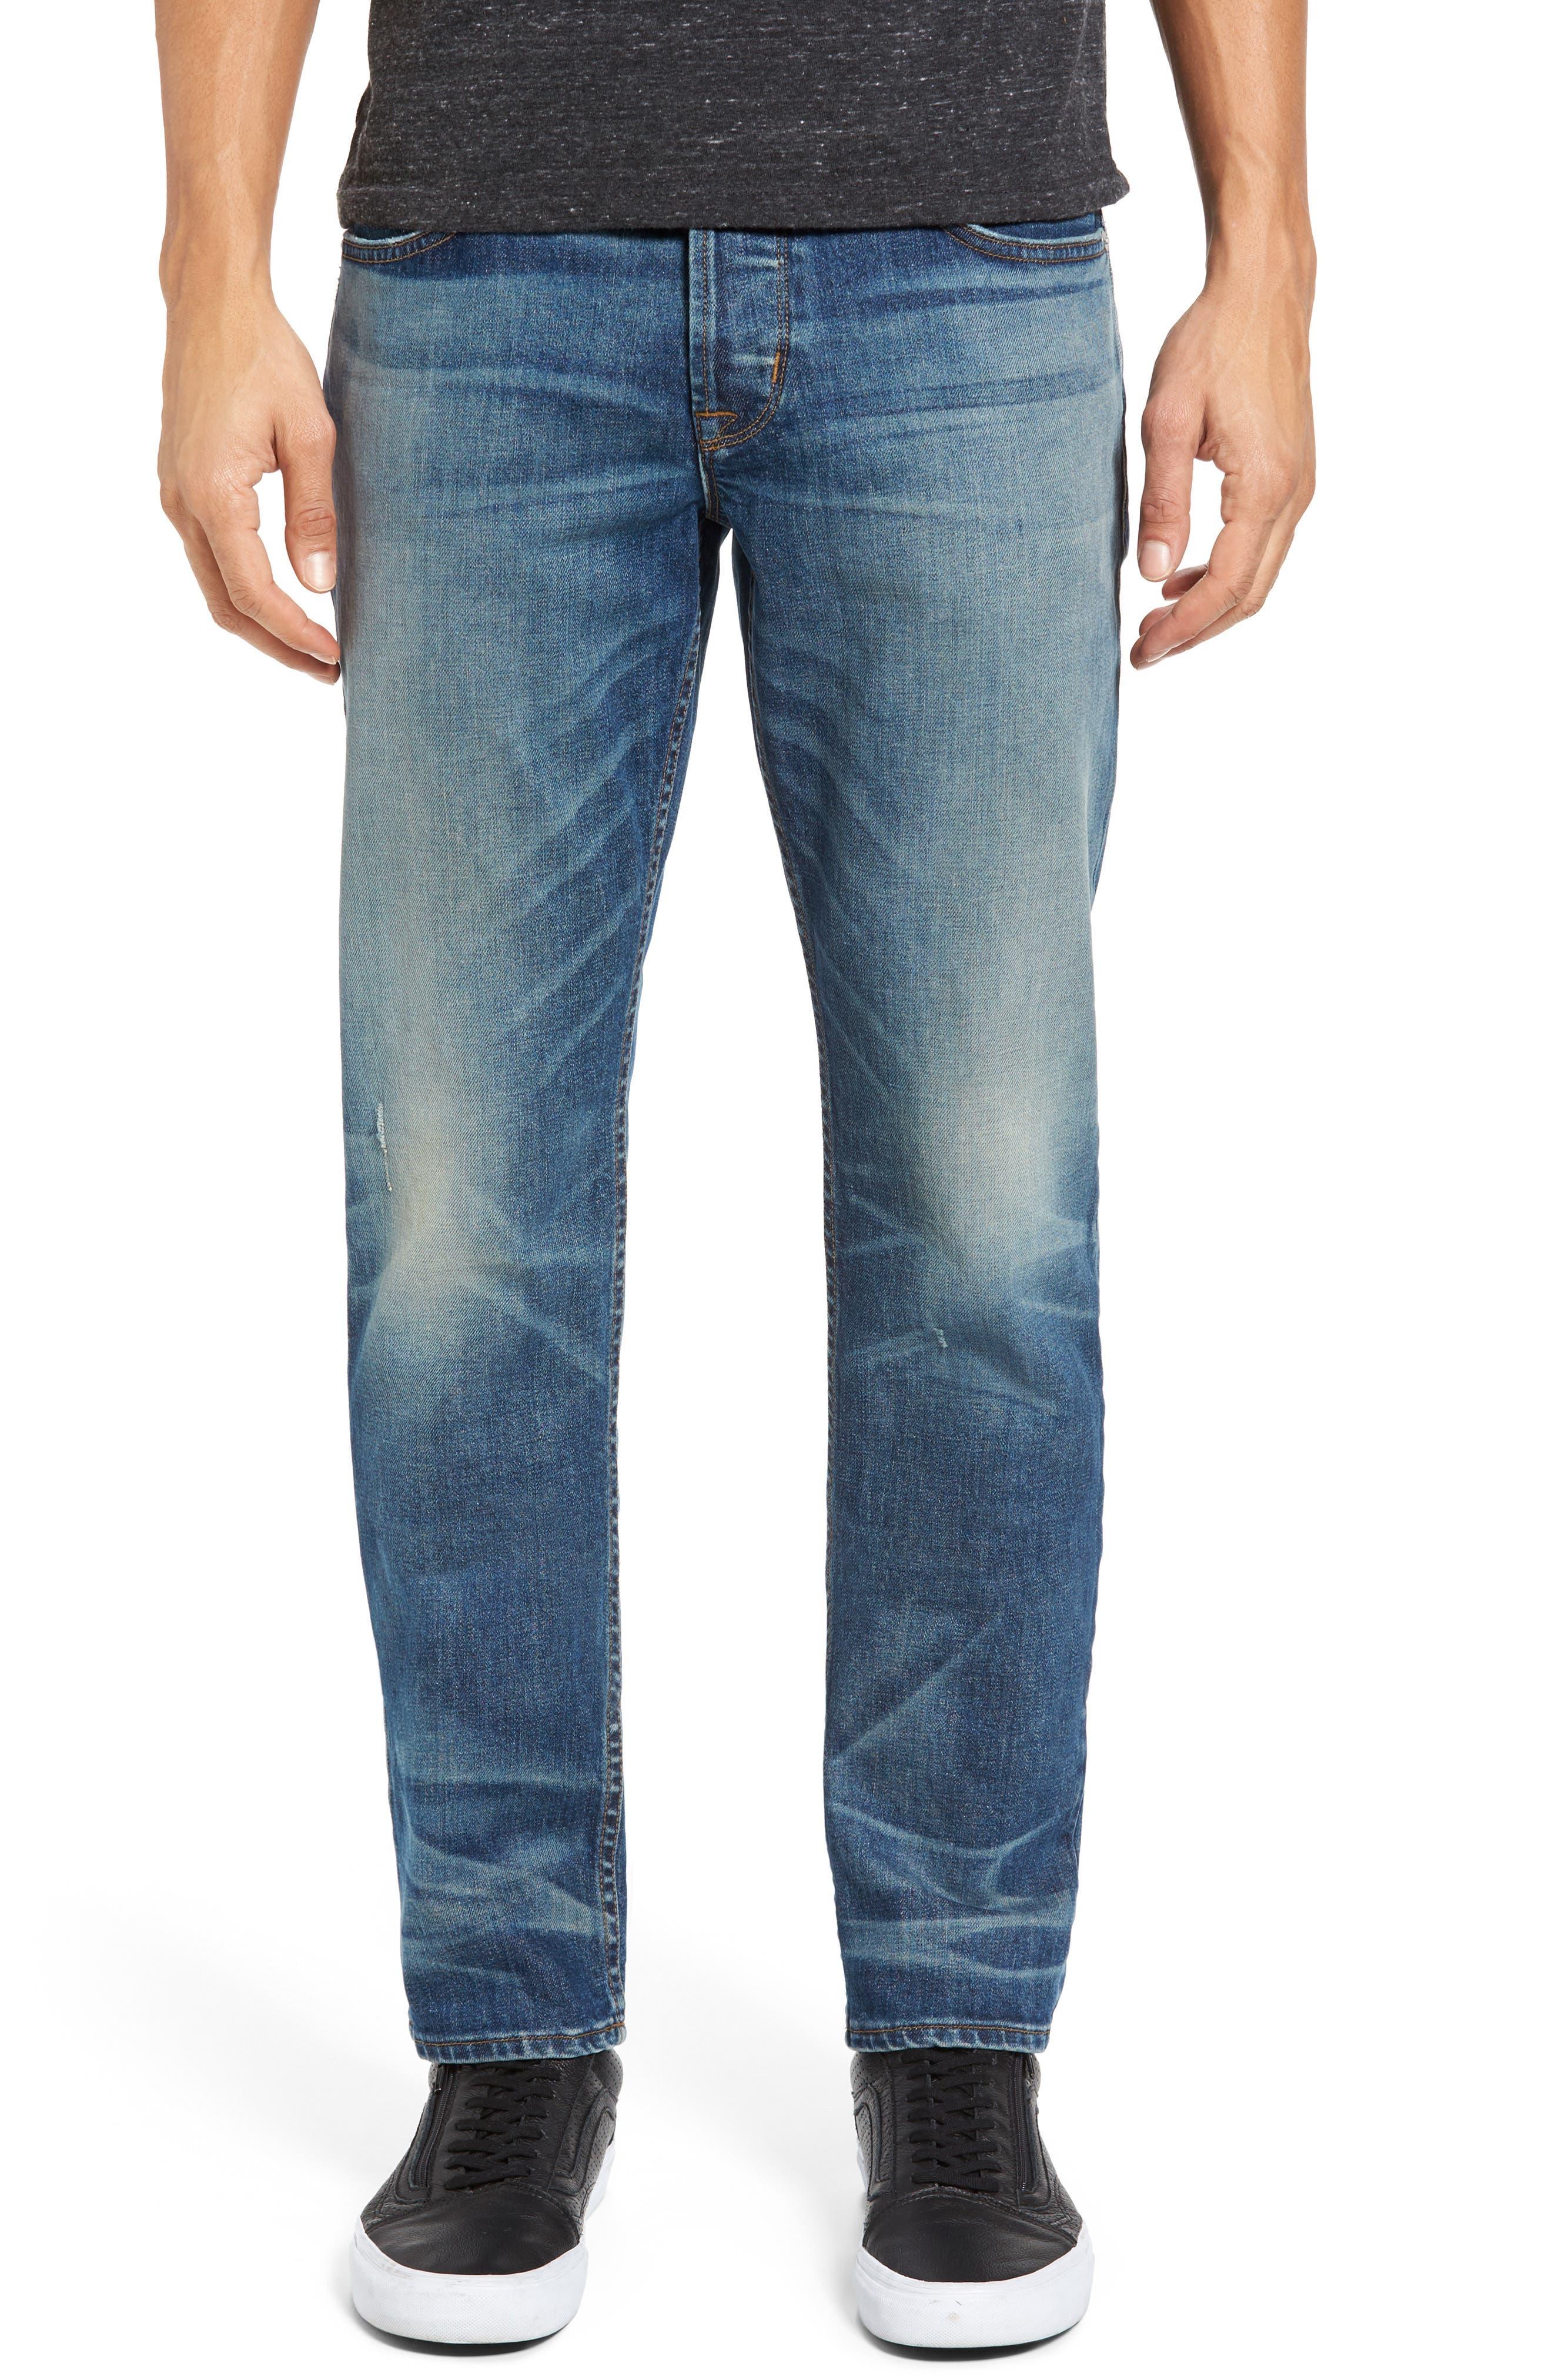 Blake Slim Fit Jeans,                         Main,                         color,